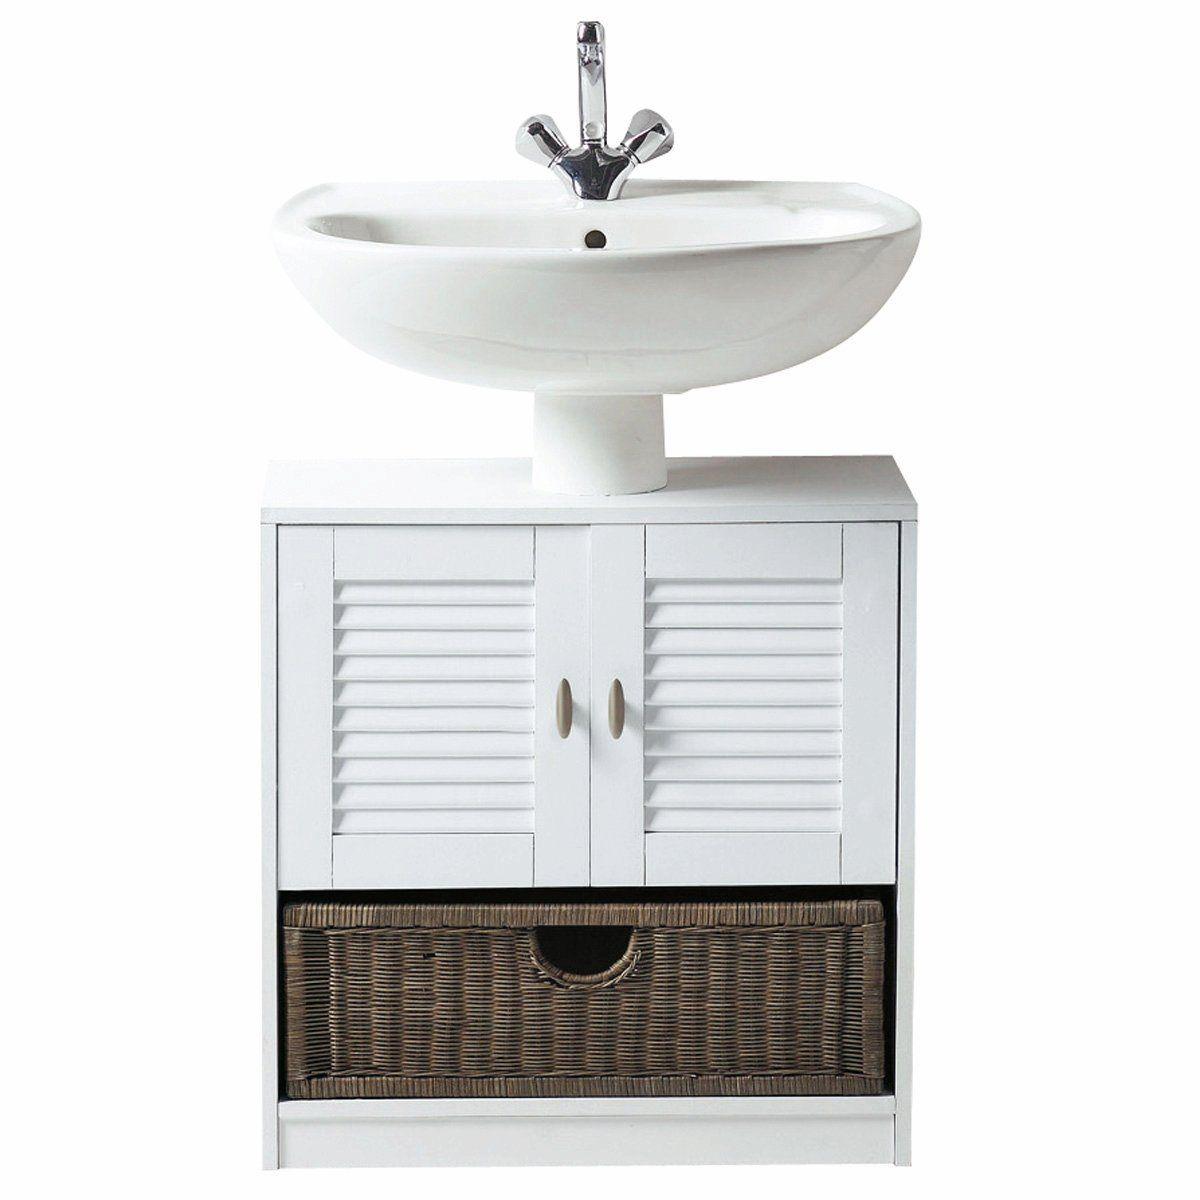 superb sous lavabo salle de bain 14 meuble sous lavabo avec colonne meuble lavabo salle bain. Black Bedroom Furniture Sets. Home Design Ideas